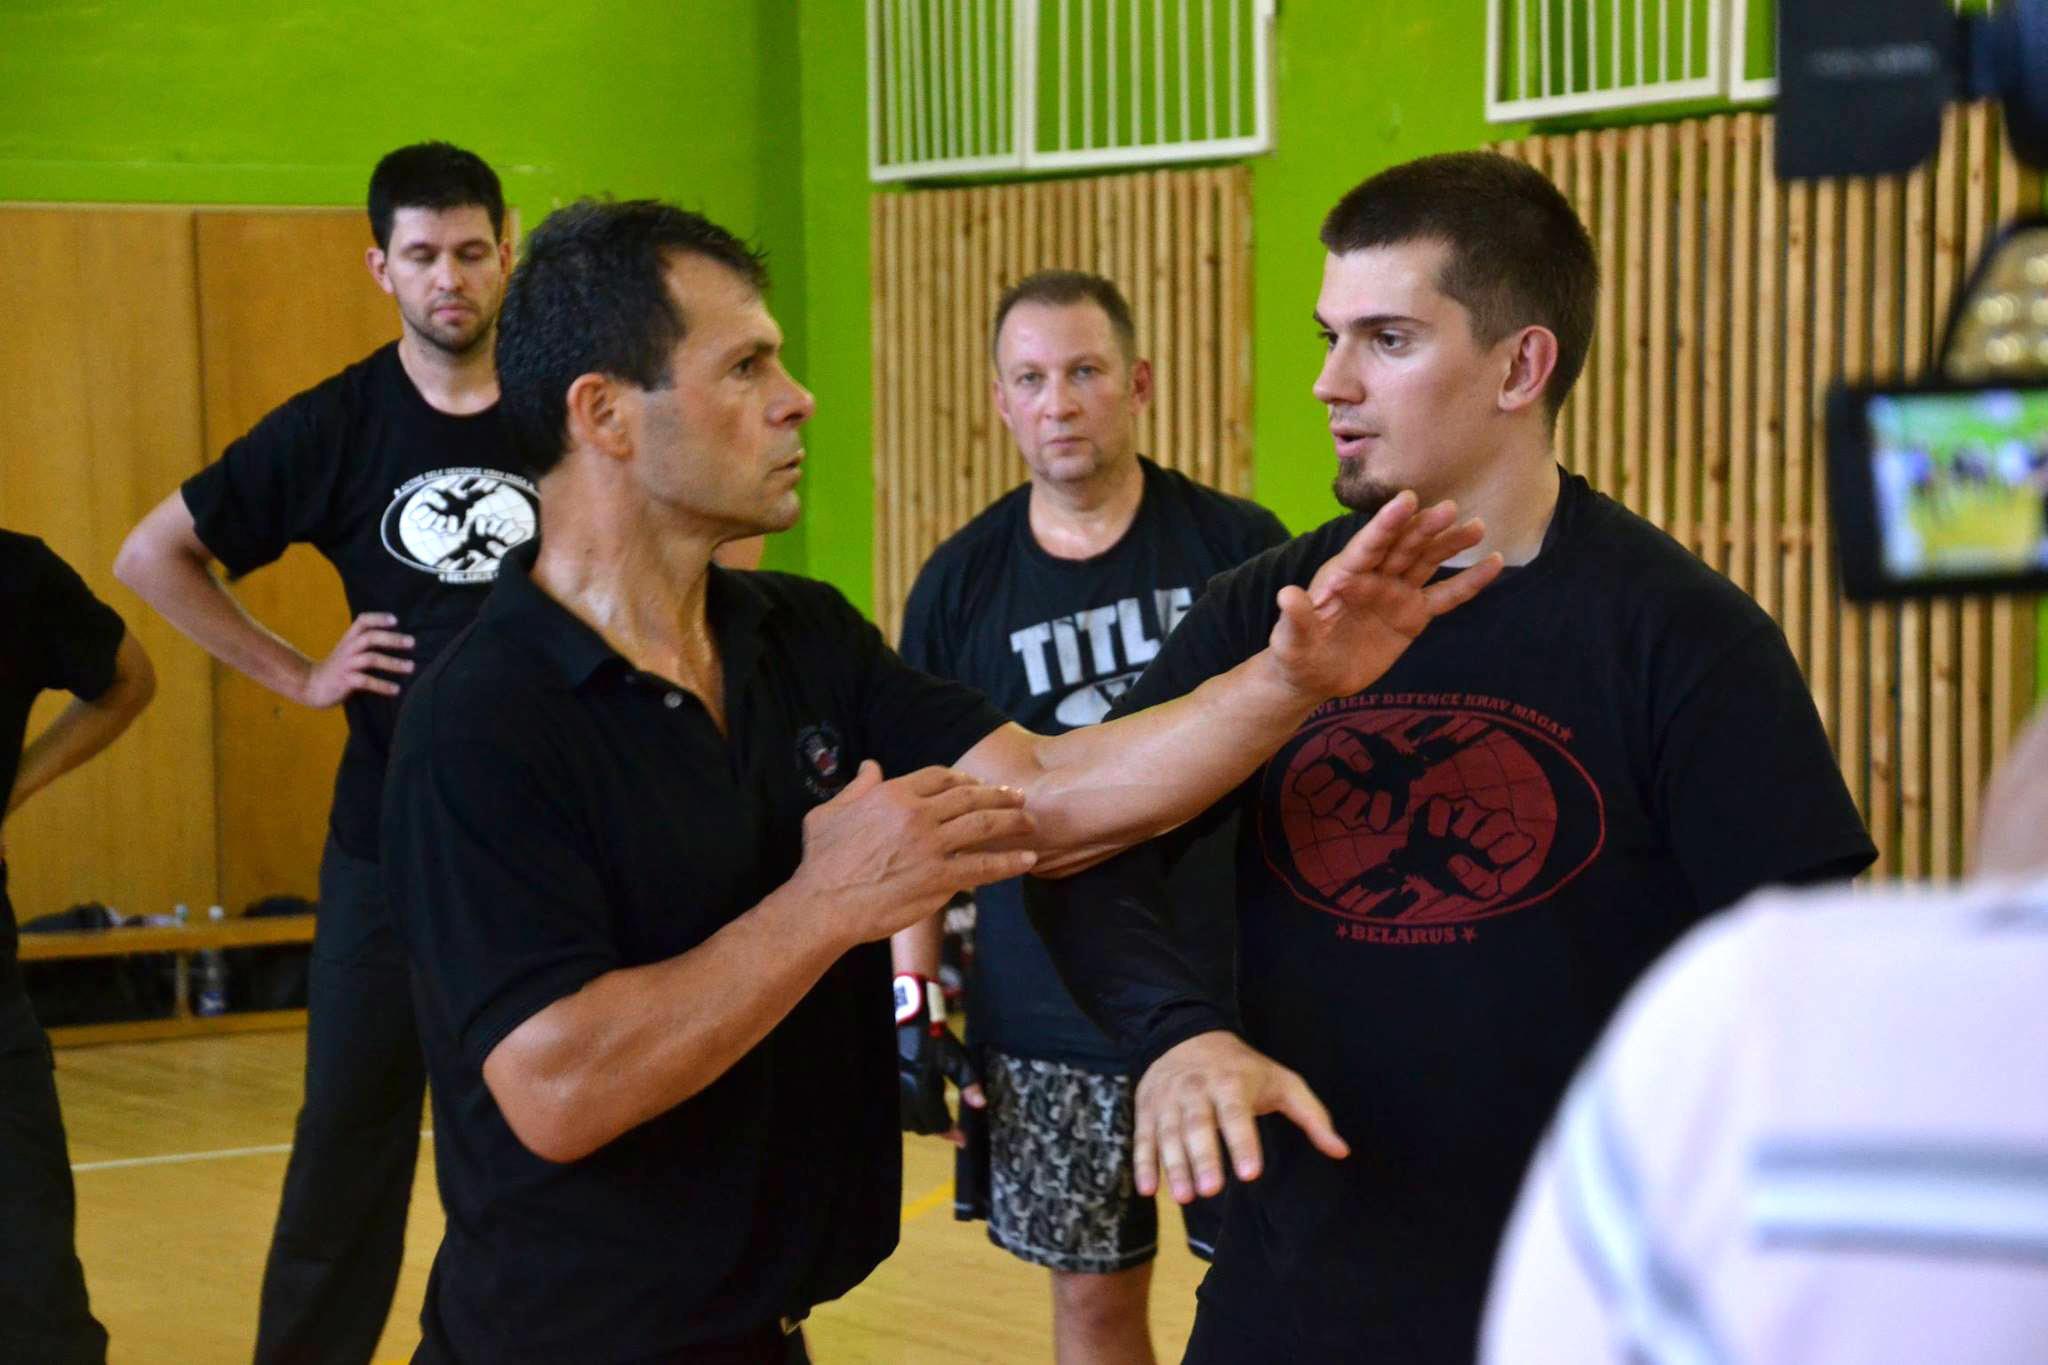 Илья Мурашко (справа), фото из FB